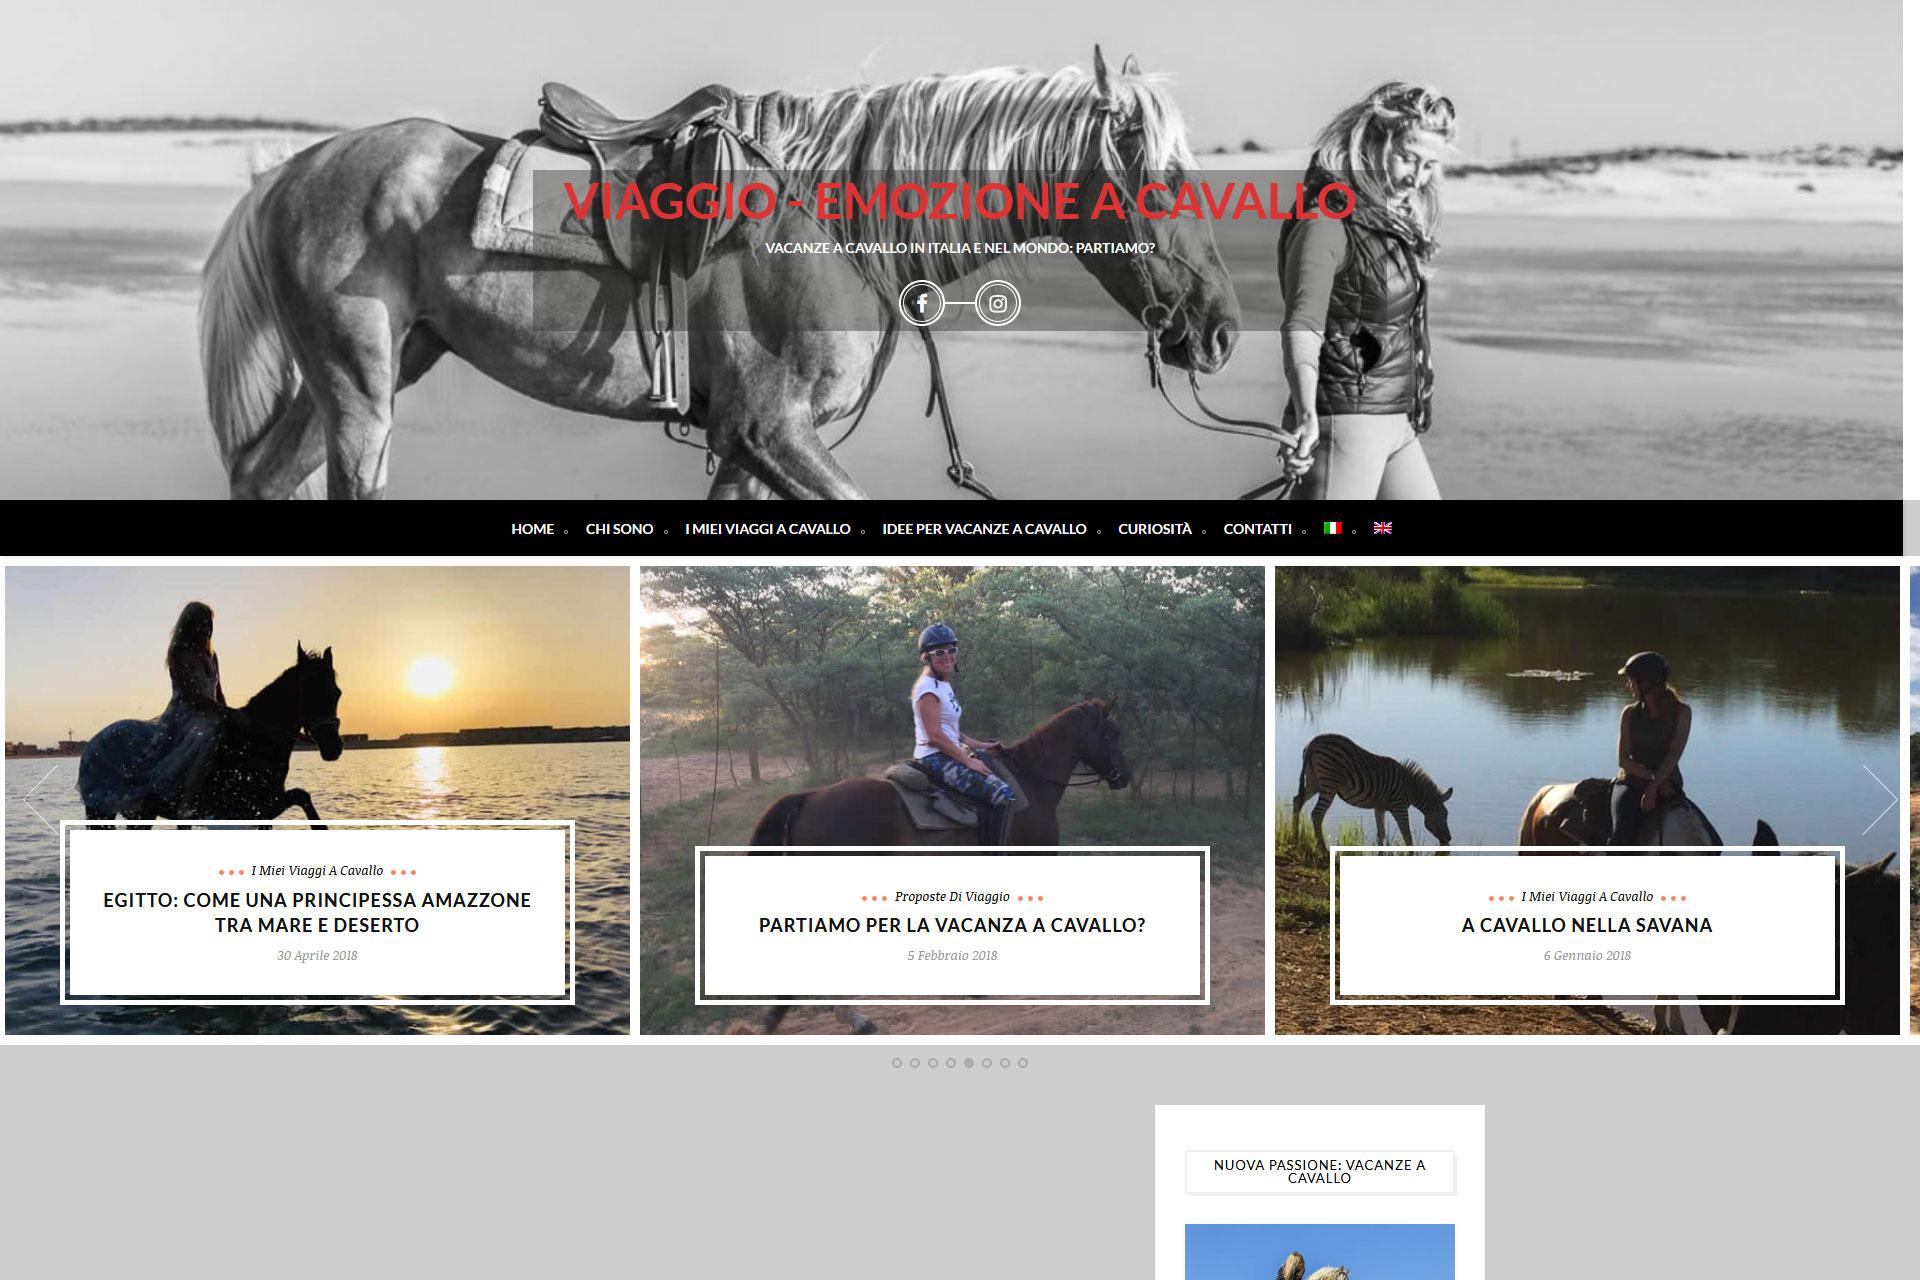 Viaggio emozione a cavallo Blog